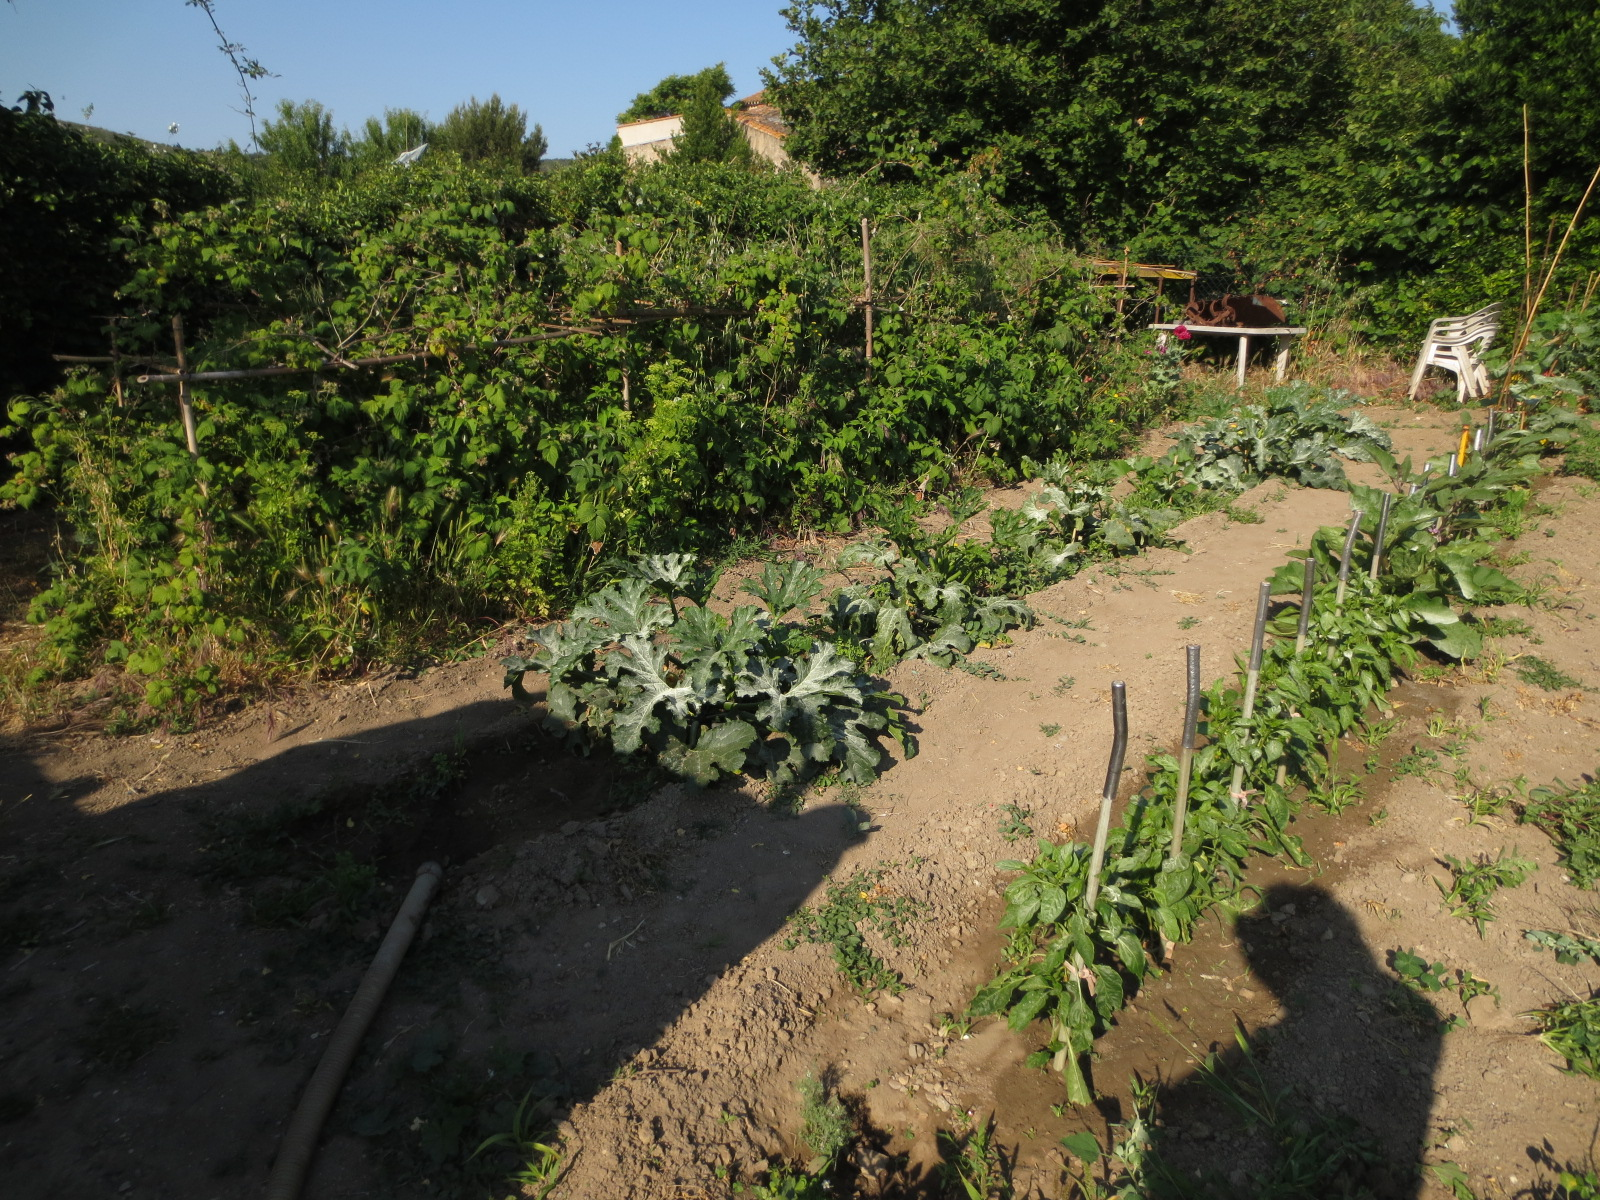 Jardin au mois de juin 2015 for Jardin lune juin 2015